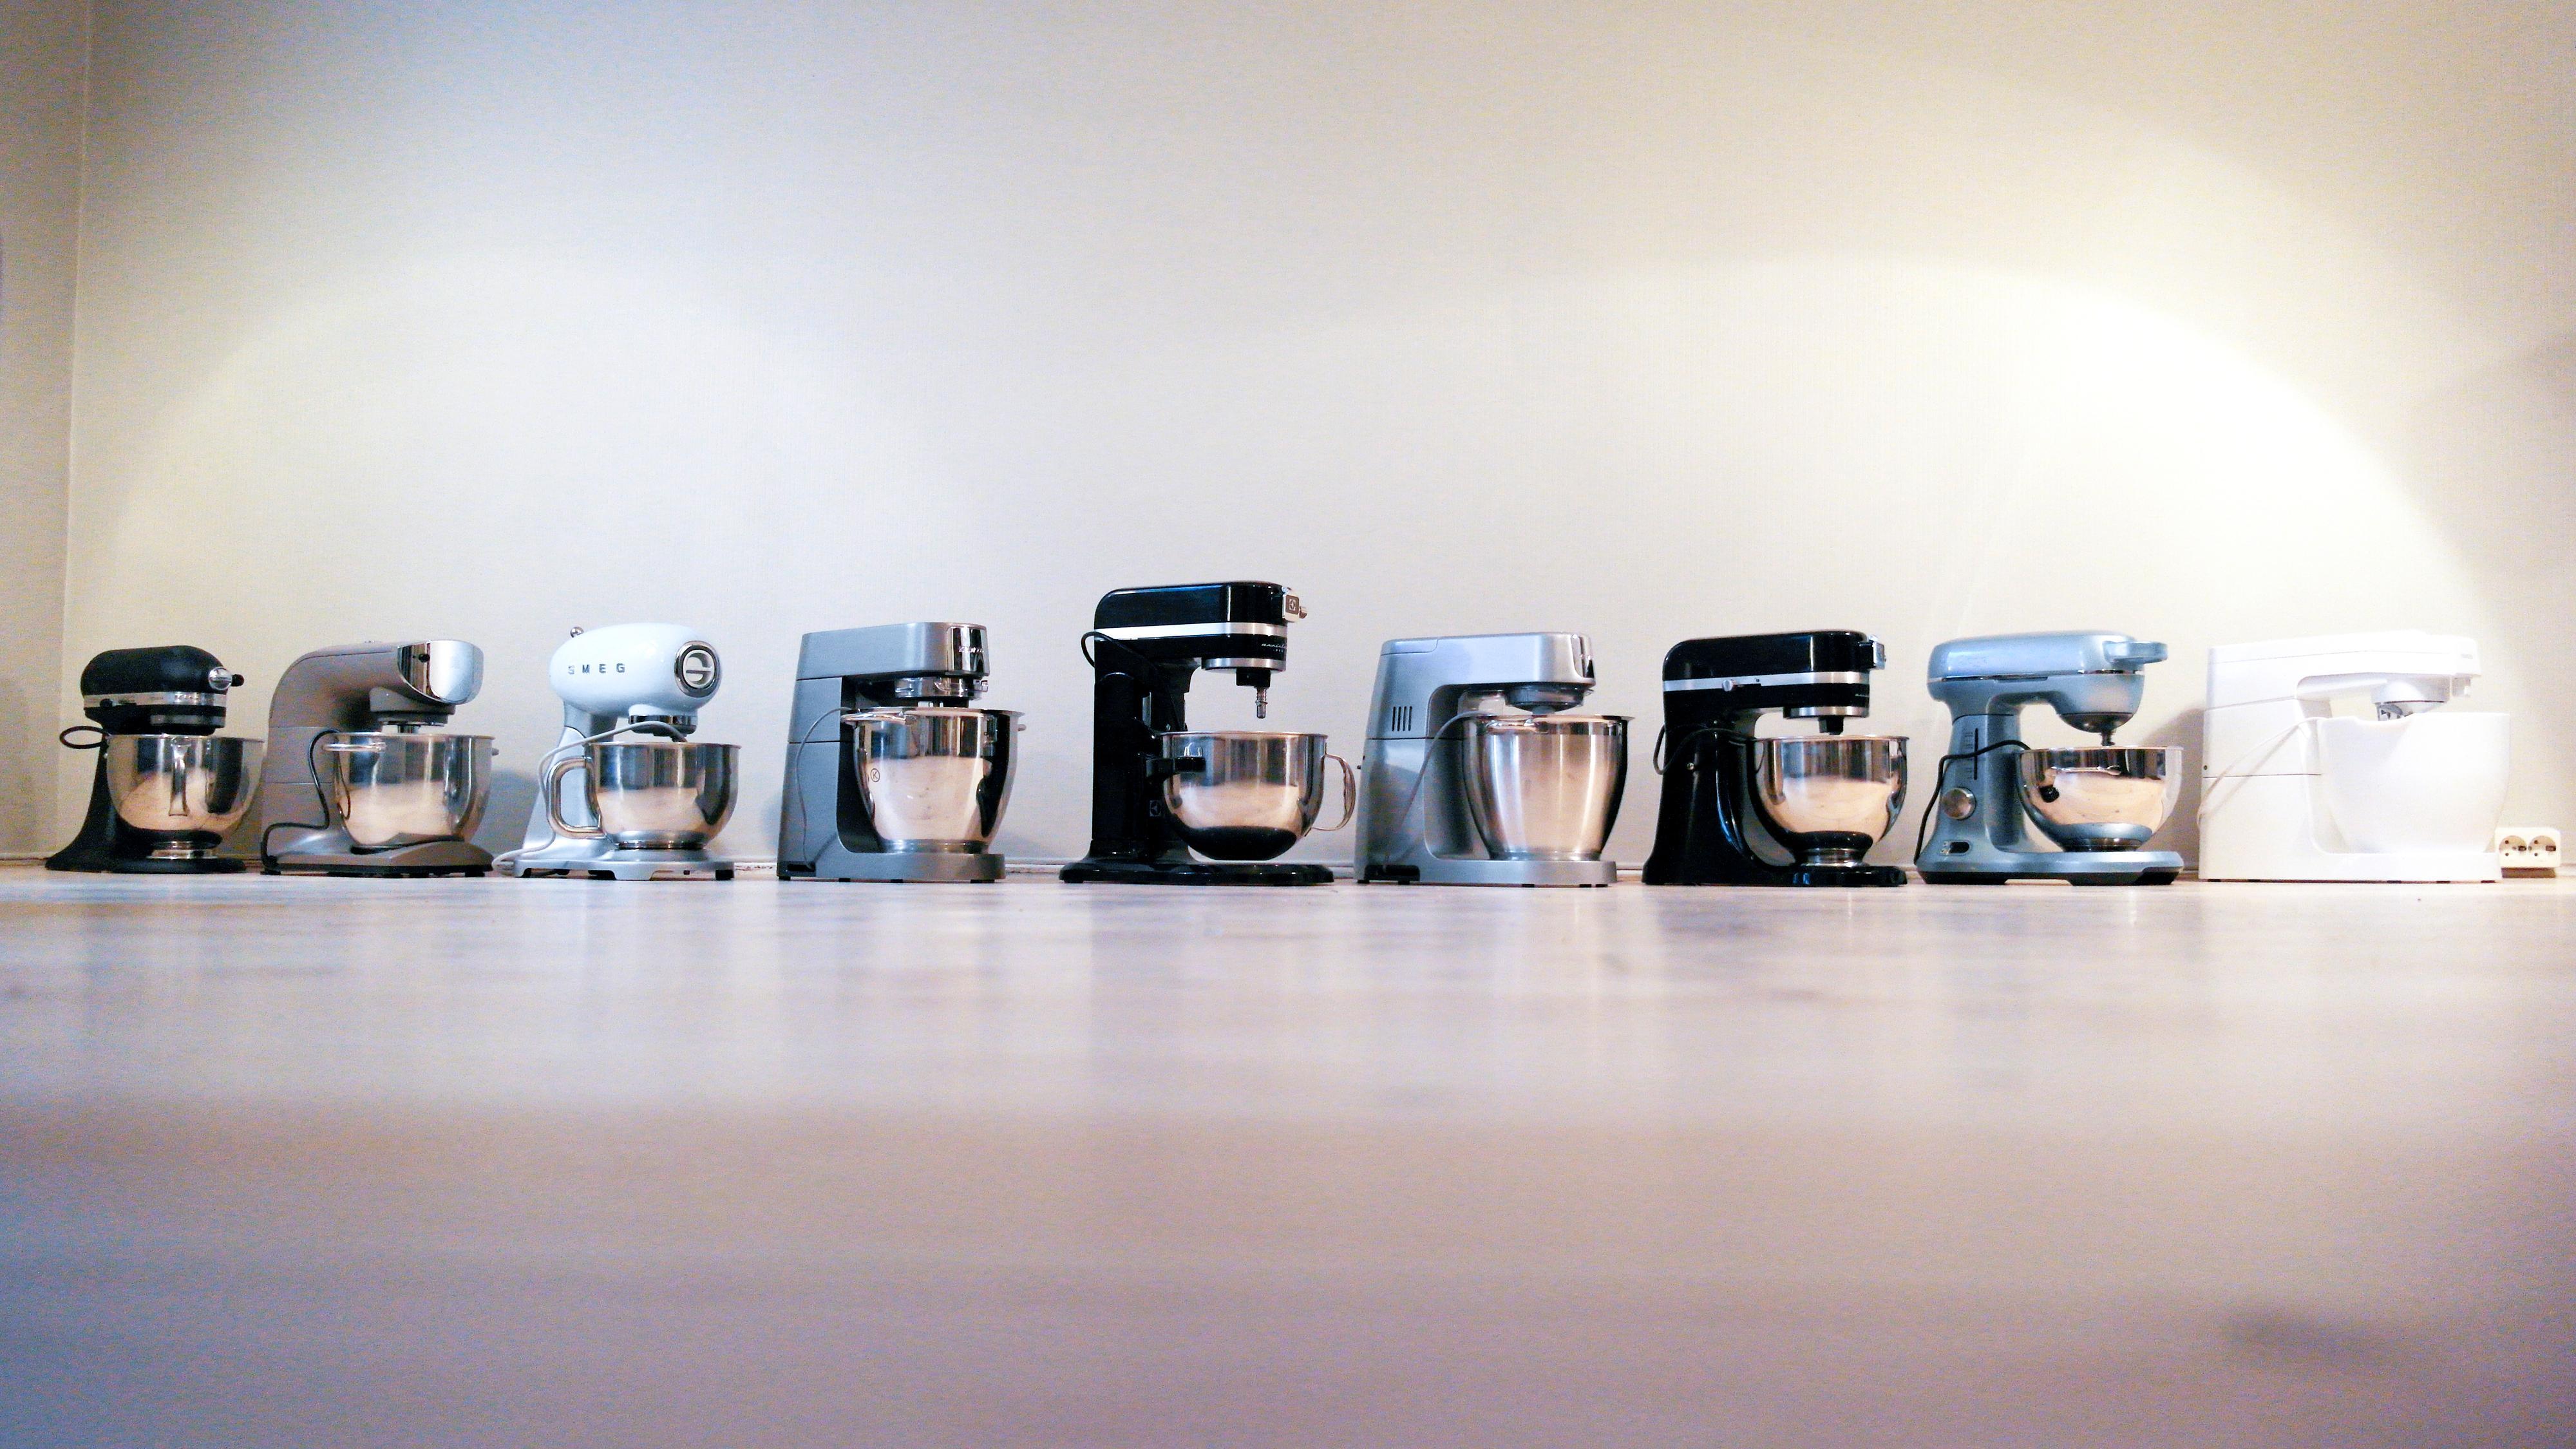 Disse kjøkkenapparatene har kortest levetid